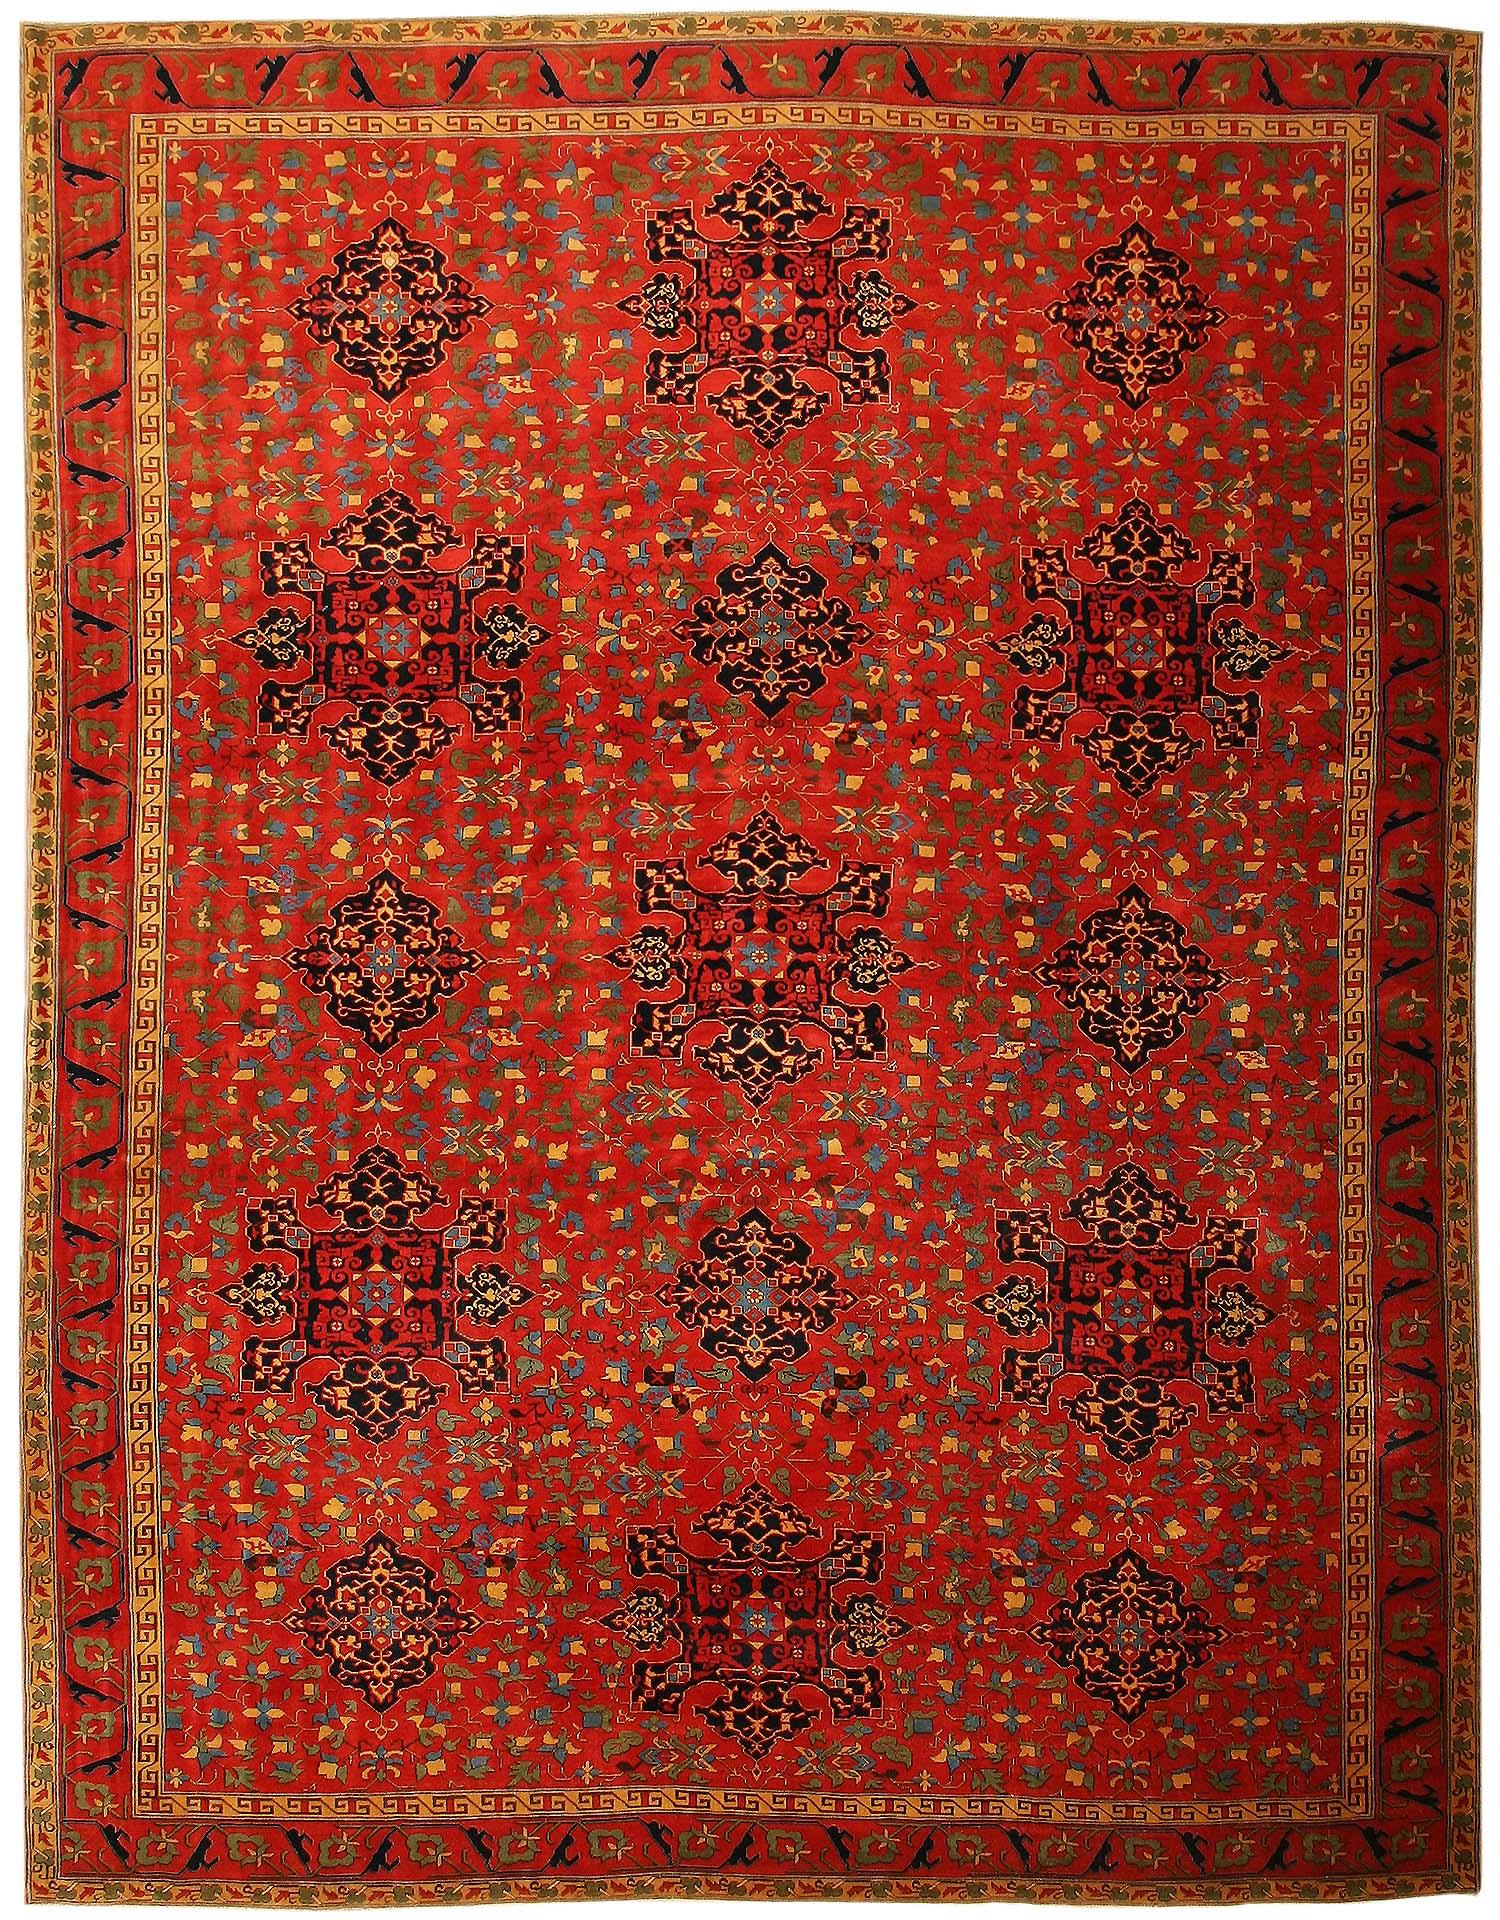 antique turkish rugs YNCEYVJ